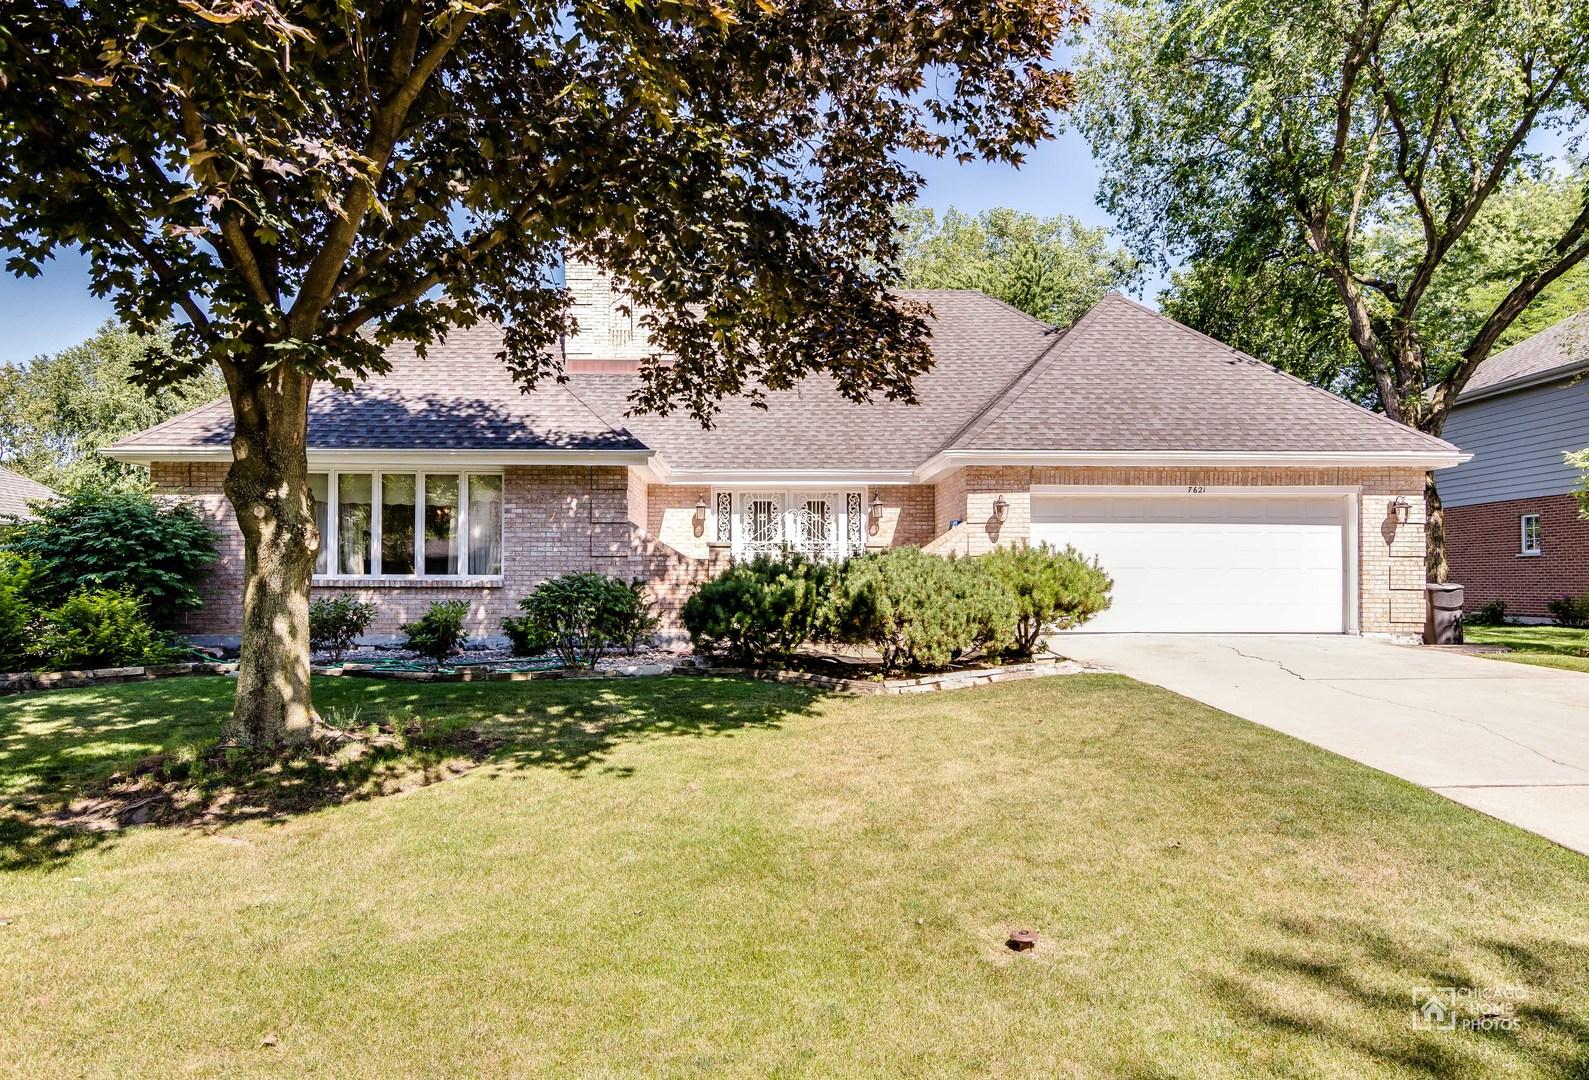 7621 Ridgewood Lane, Burr Ridge, IL 60527